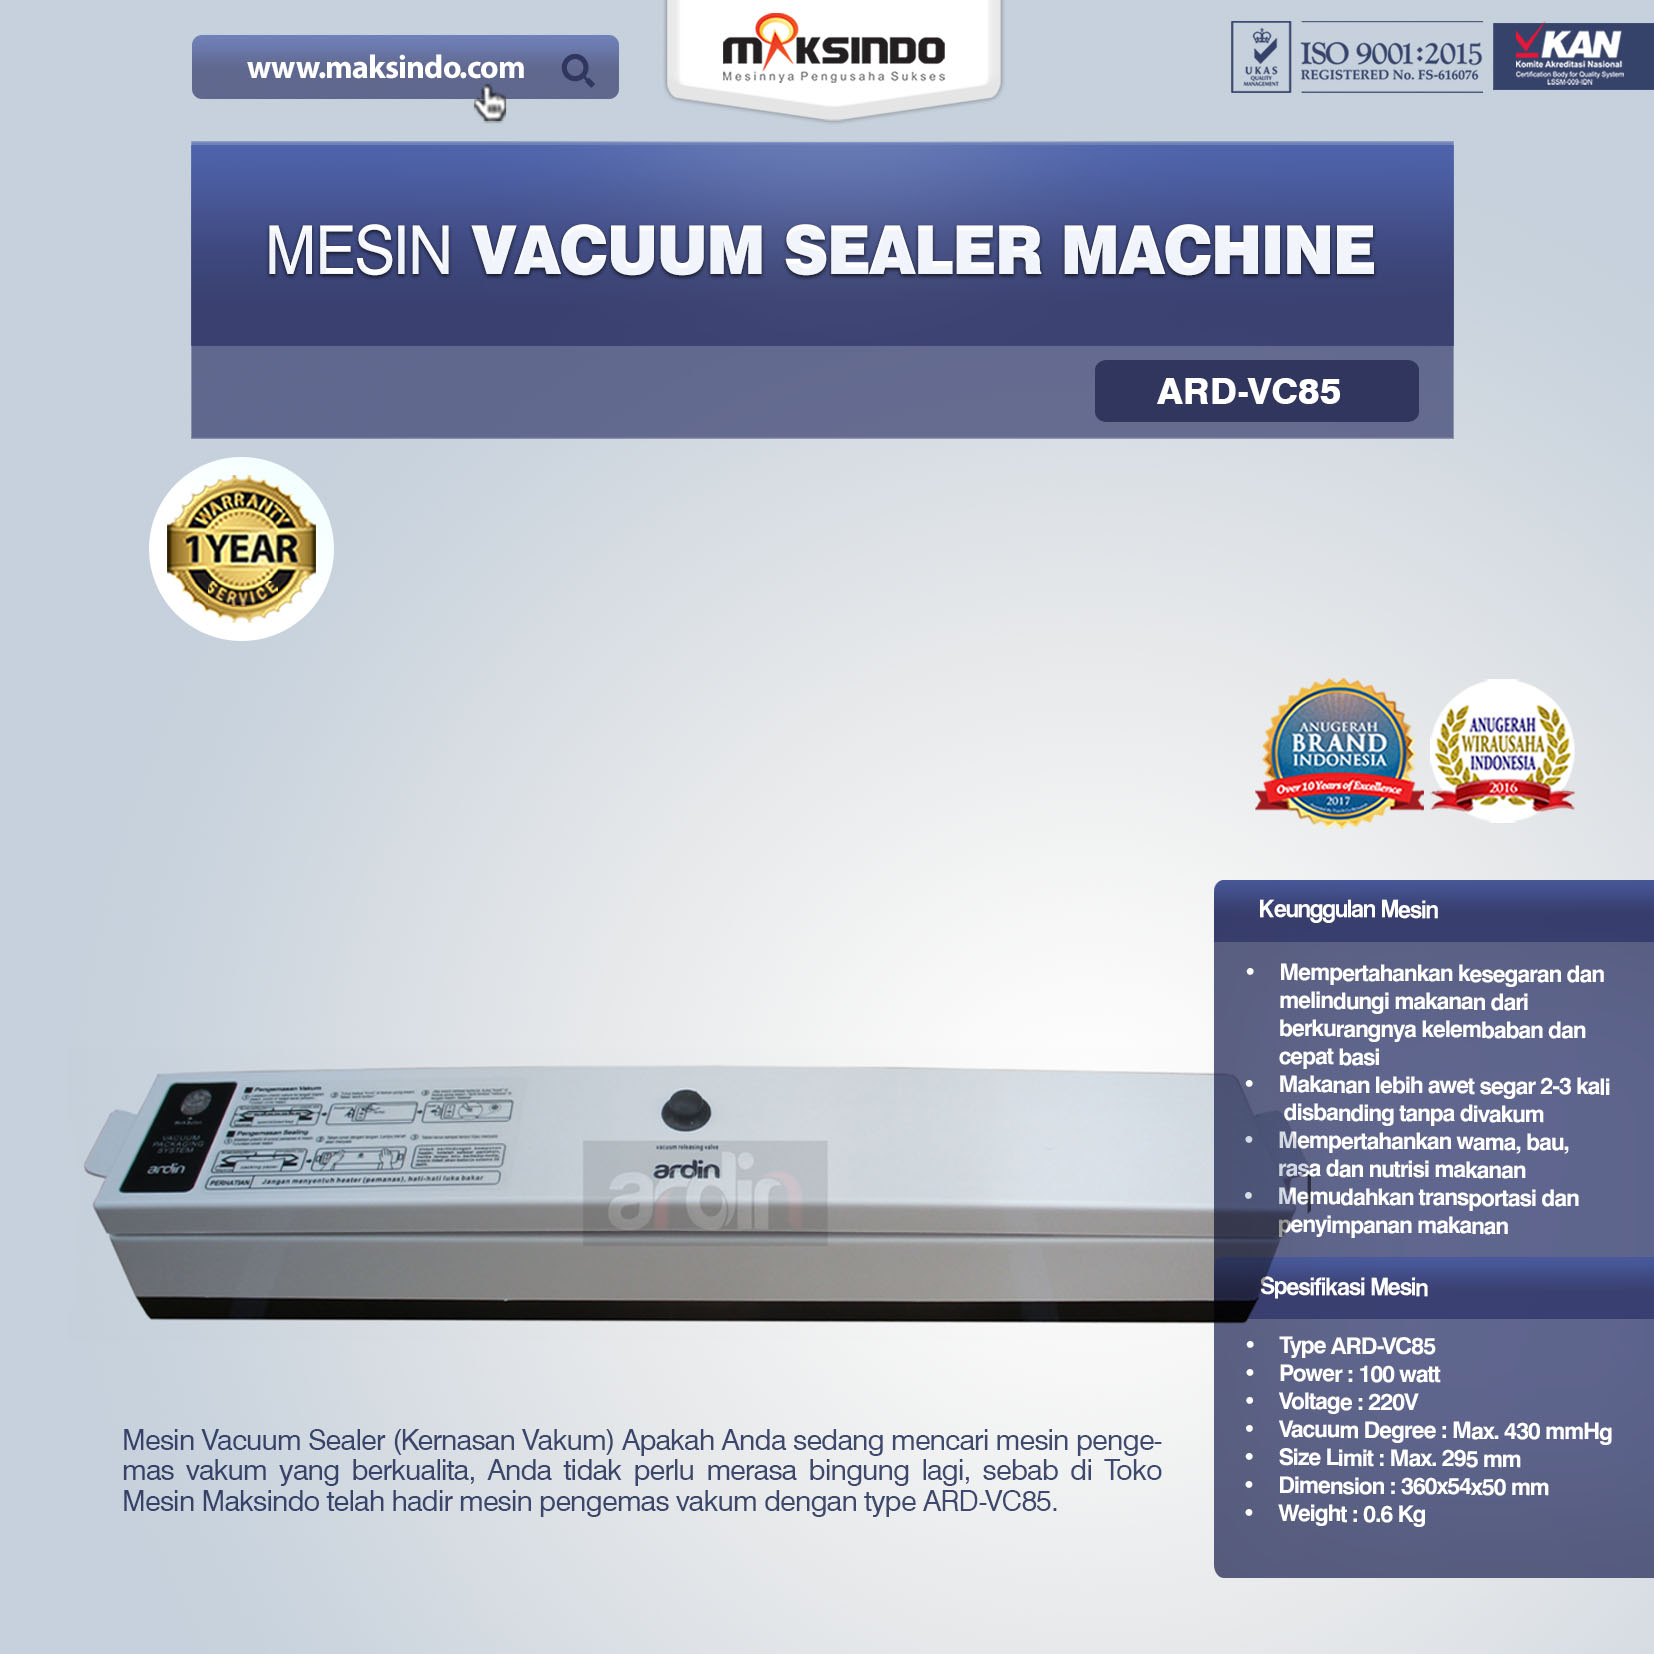 Jual Mesin Vacuum Sealer Machine ARD-VC85 di Malang